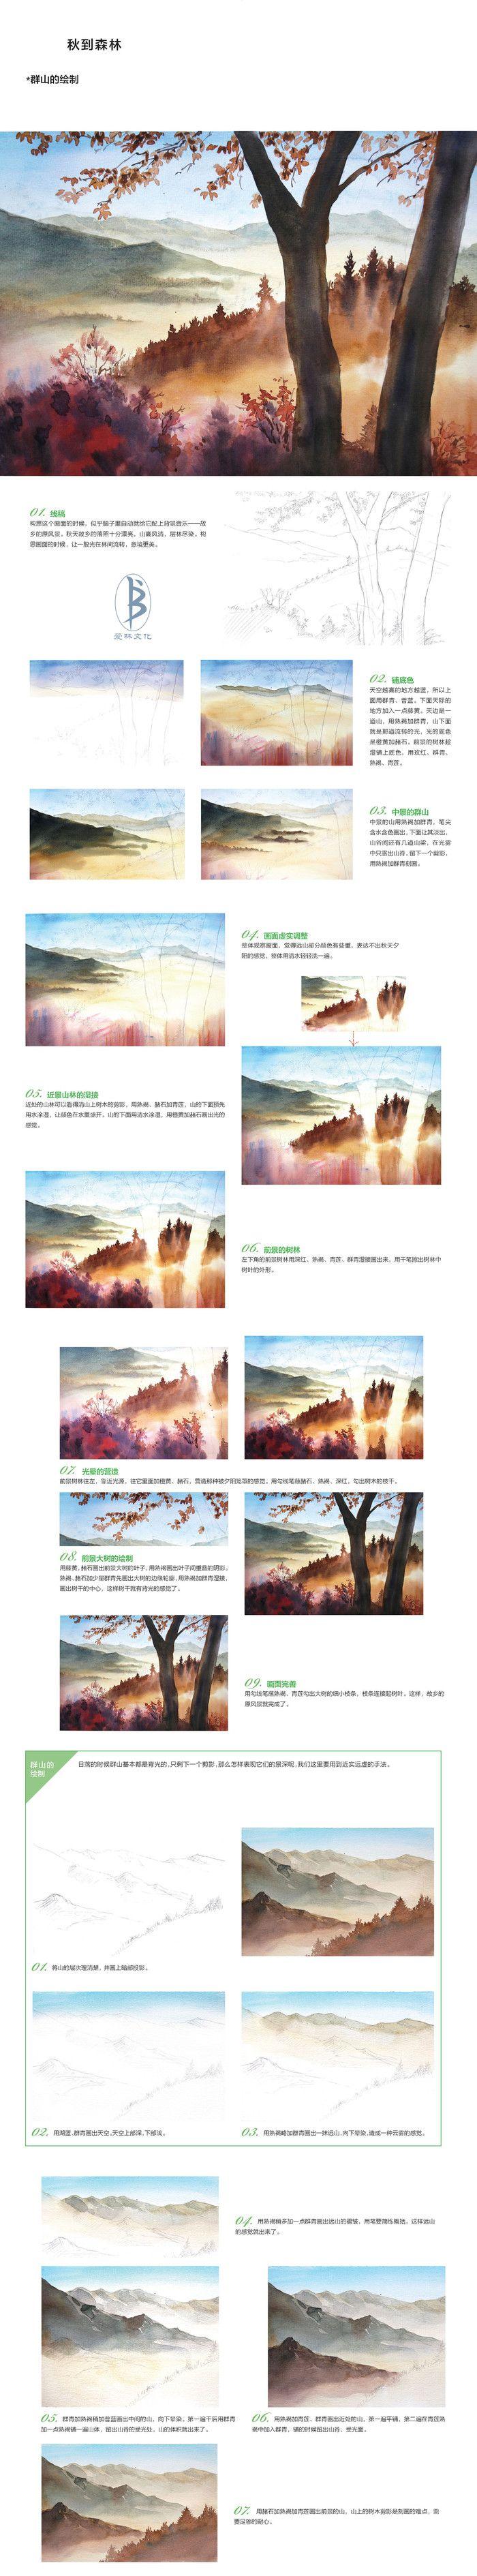 本案例摘自人民邮电出版社出版、爱林文化主编的《浪漫水彩课——唯美森林手绘技法》--爱林文化制作